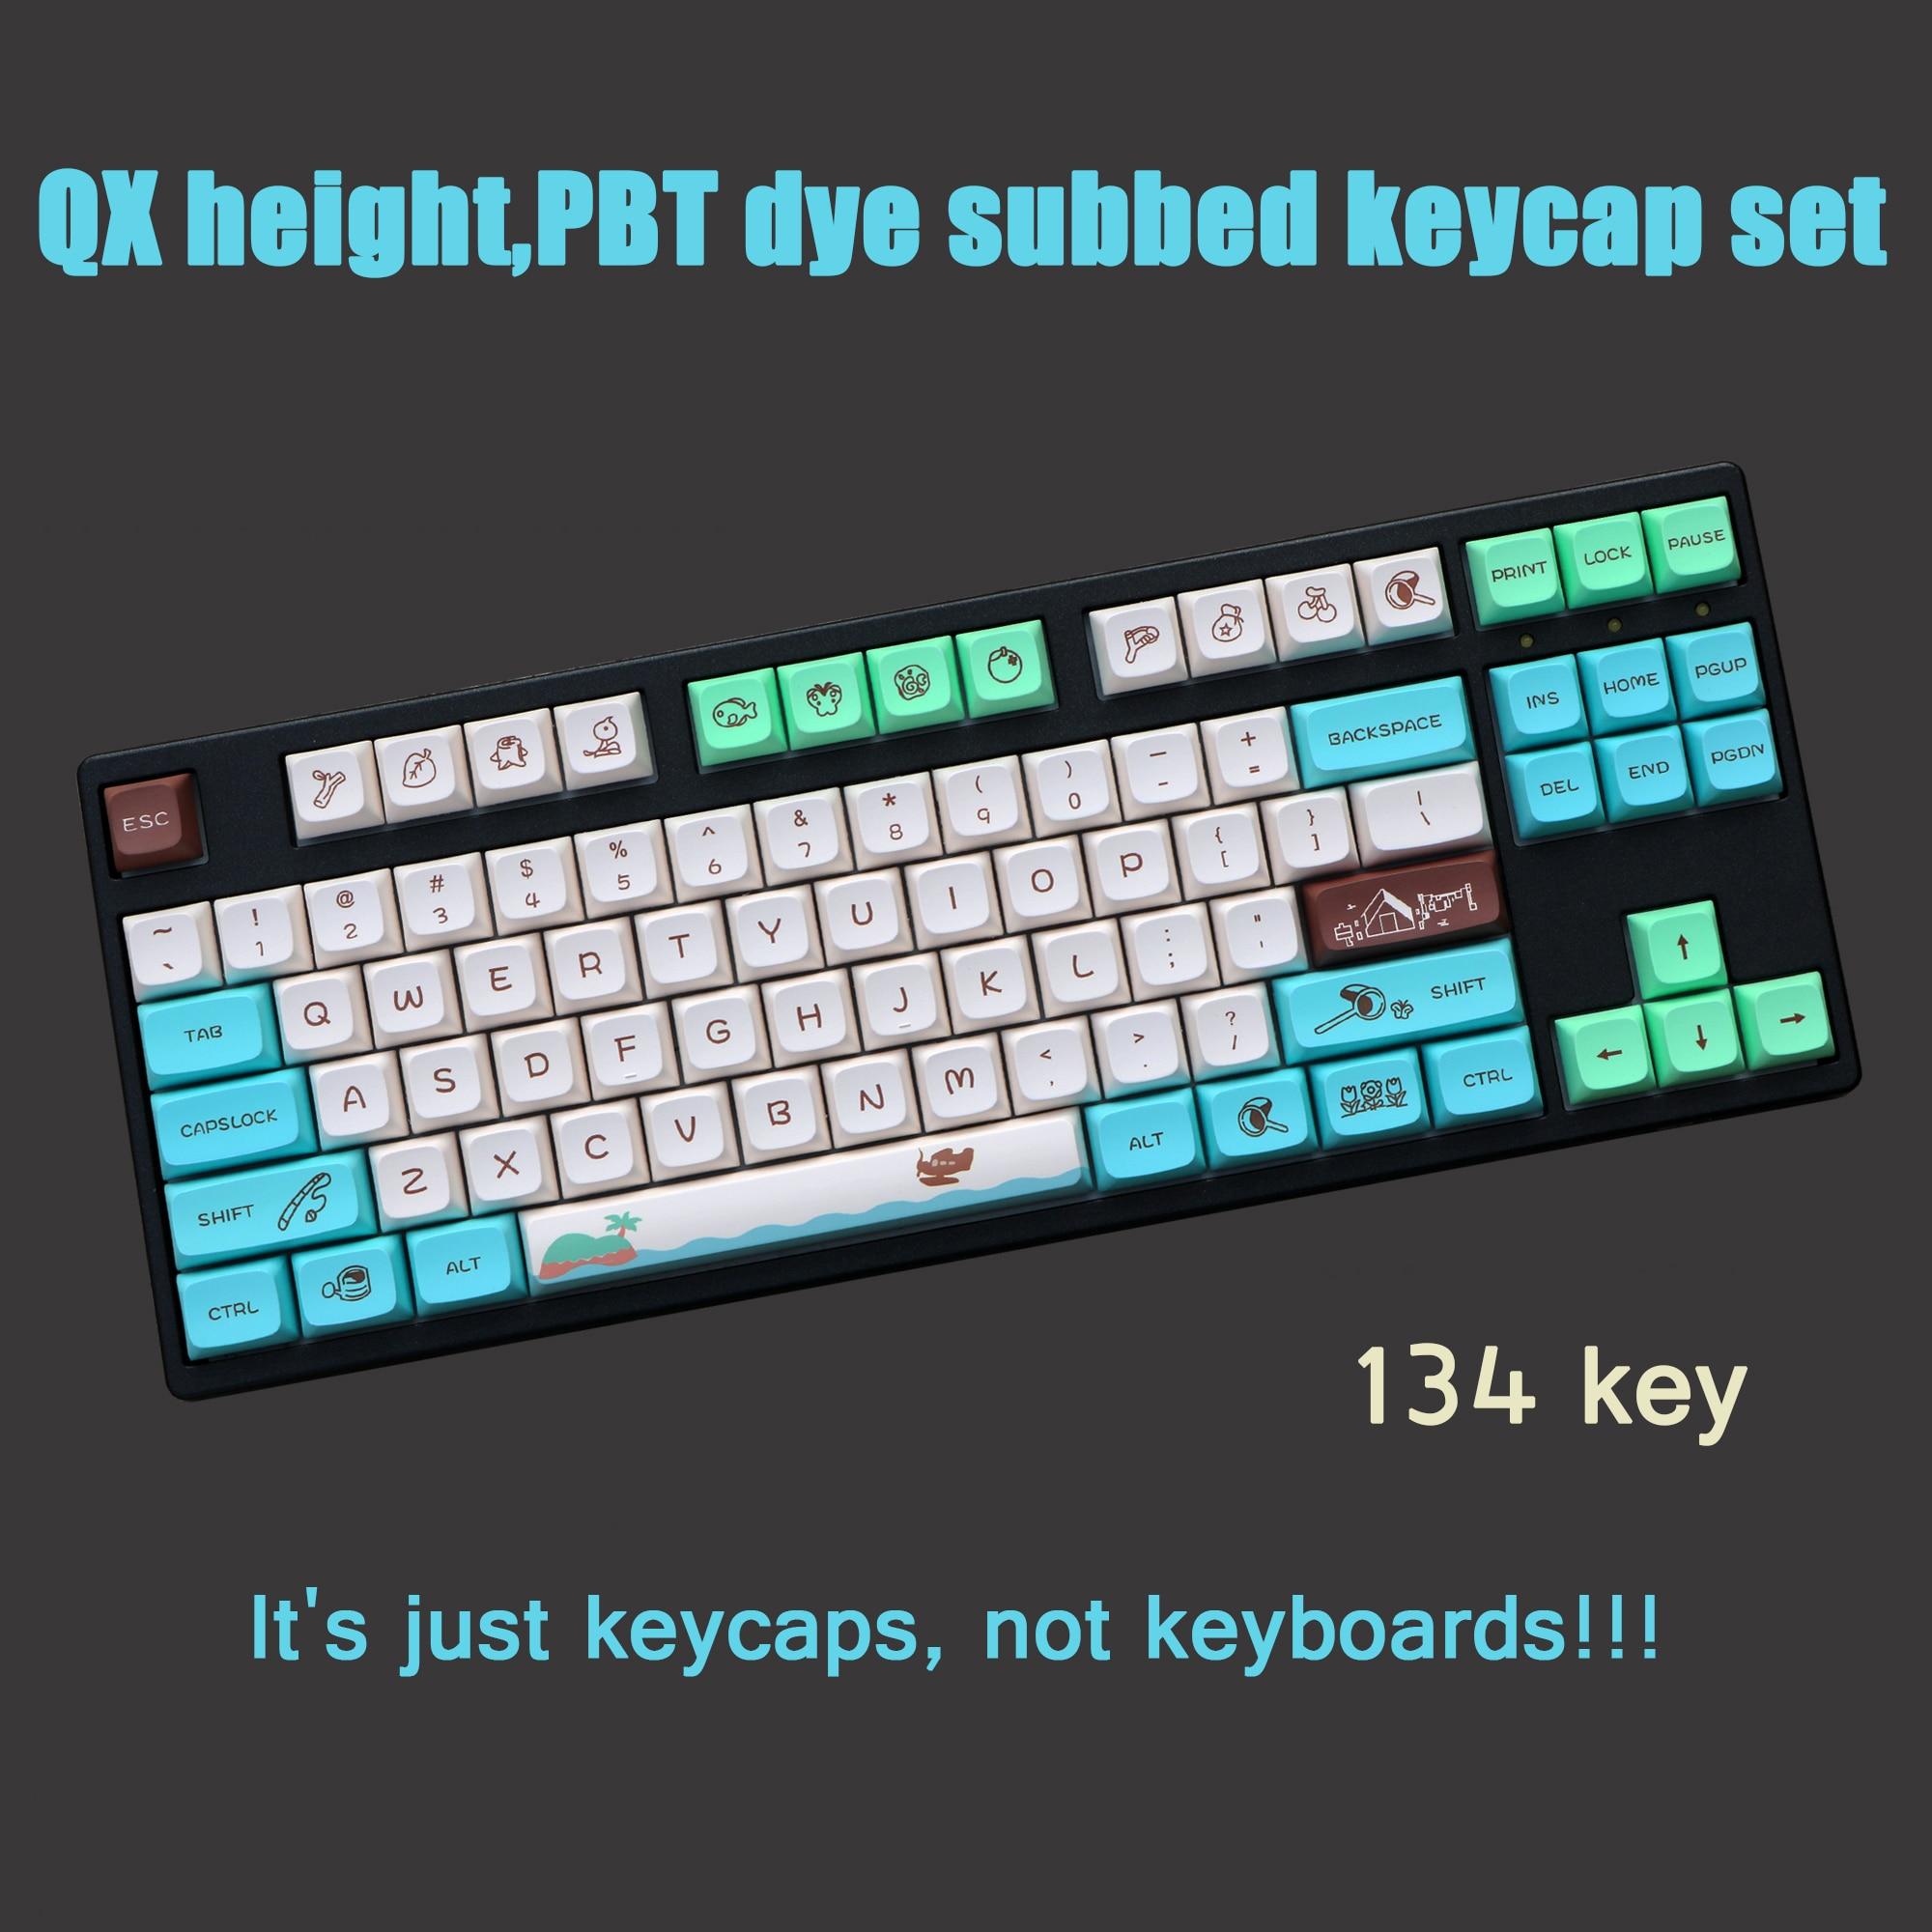 لوحة المفاتيح الميكانيكية QX ارتفاع كيكابس لذاكرة الطفولة موضوع 134 مفاتيح/مجموعة PBT صبغ غطاء مفتاح Subbed ل MX التبديل